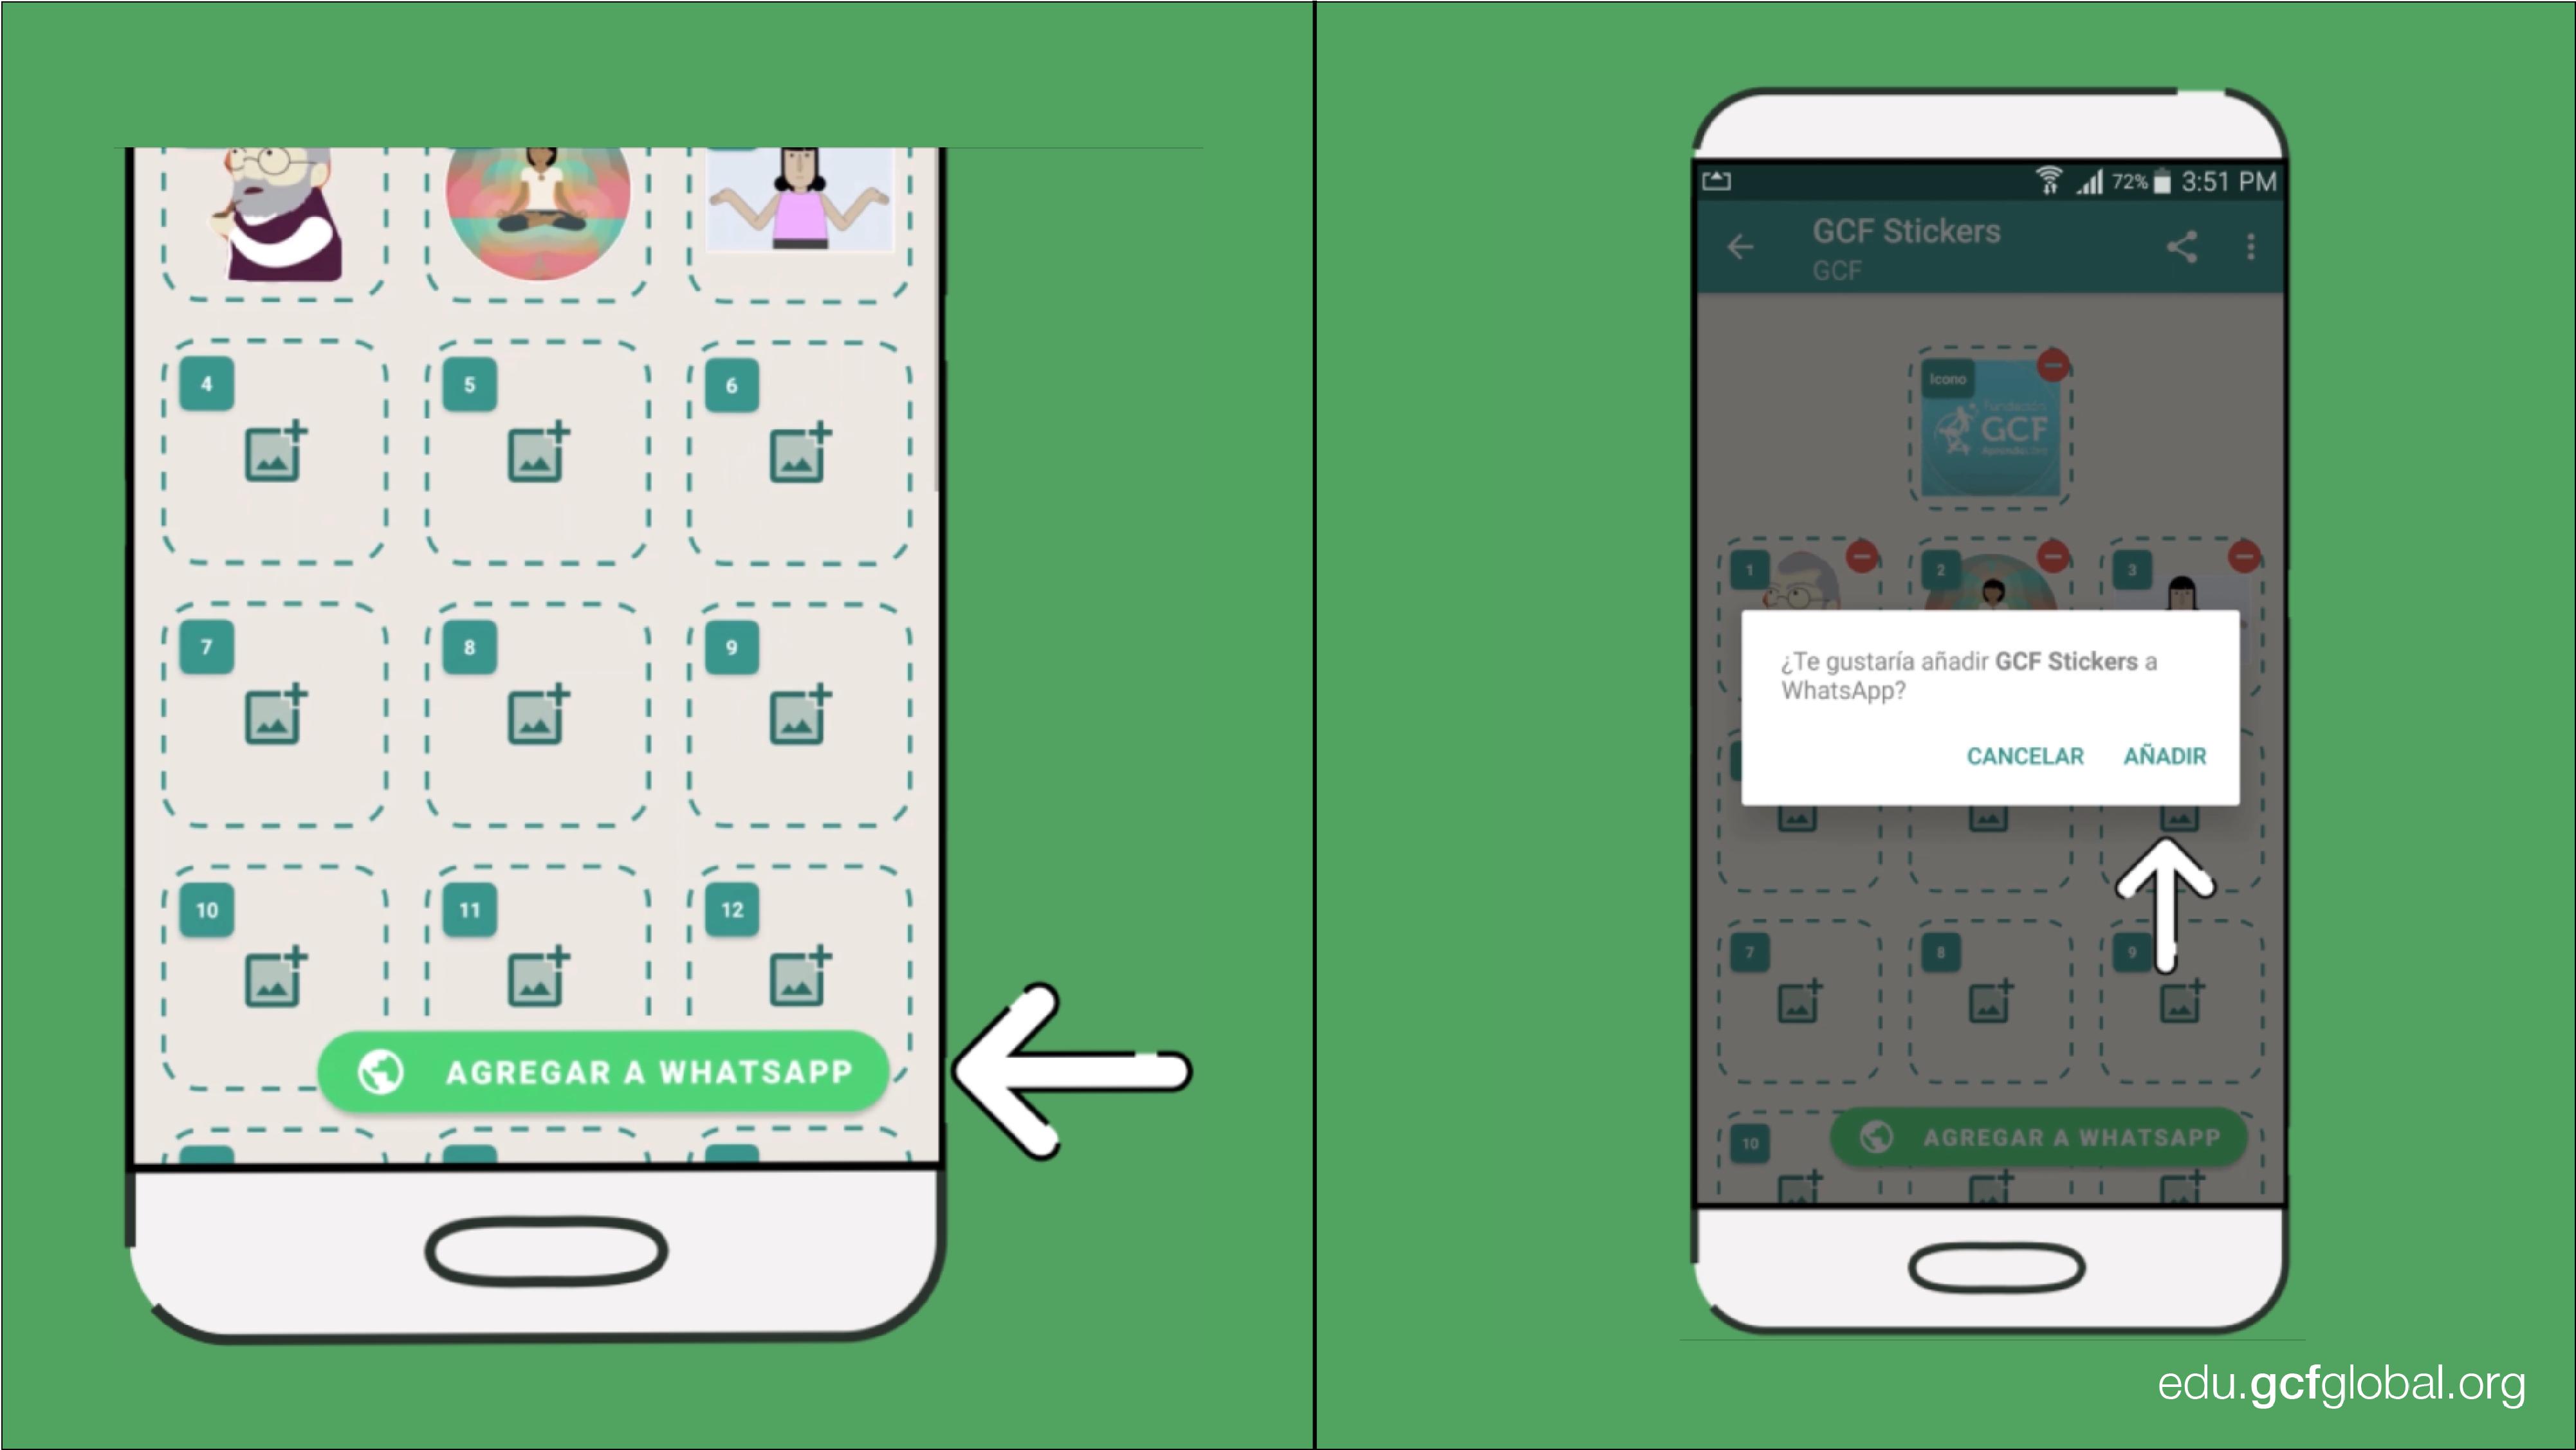 Imagen de la aplicación Sticker Maker agregando el paquete de stickers a la aplicación WhatsApp.